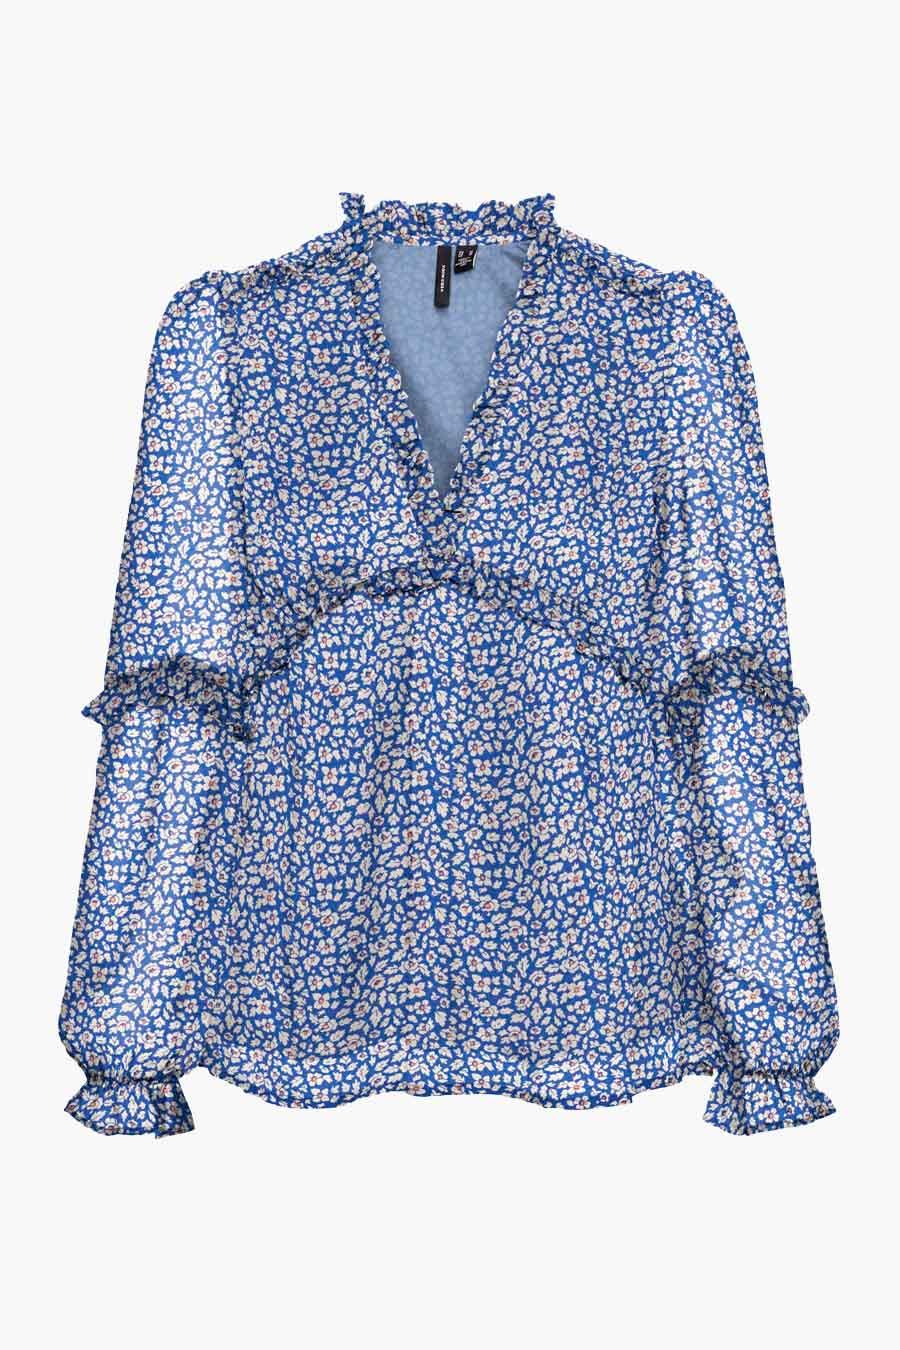 Vero Moda® Blouse lange mouwen, Blauw, Dames, Maat: M/S